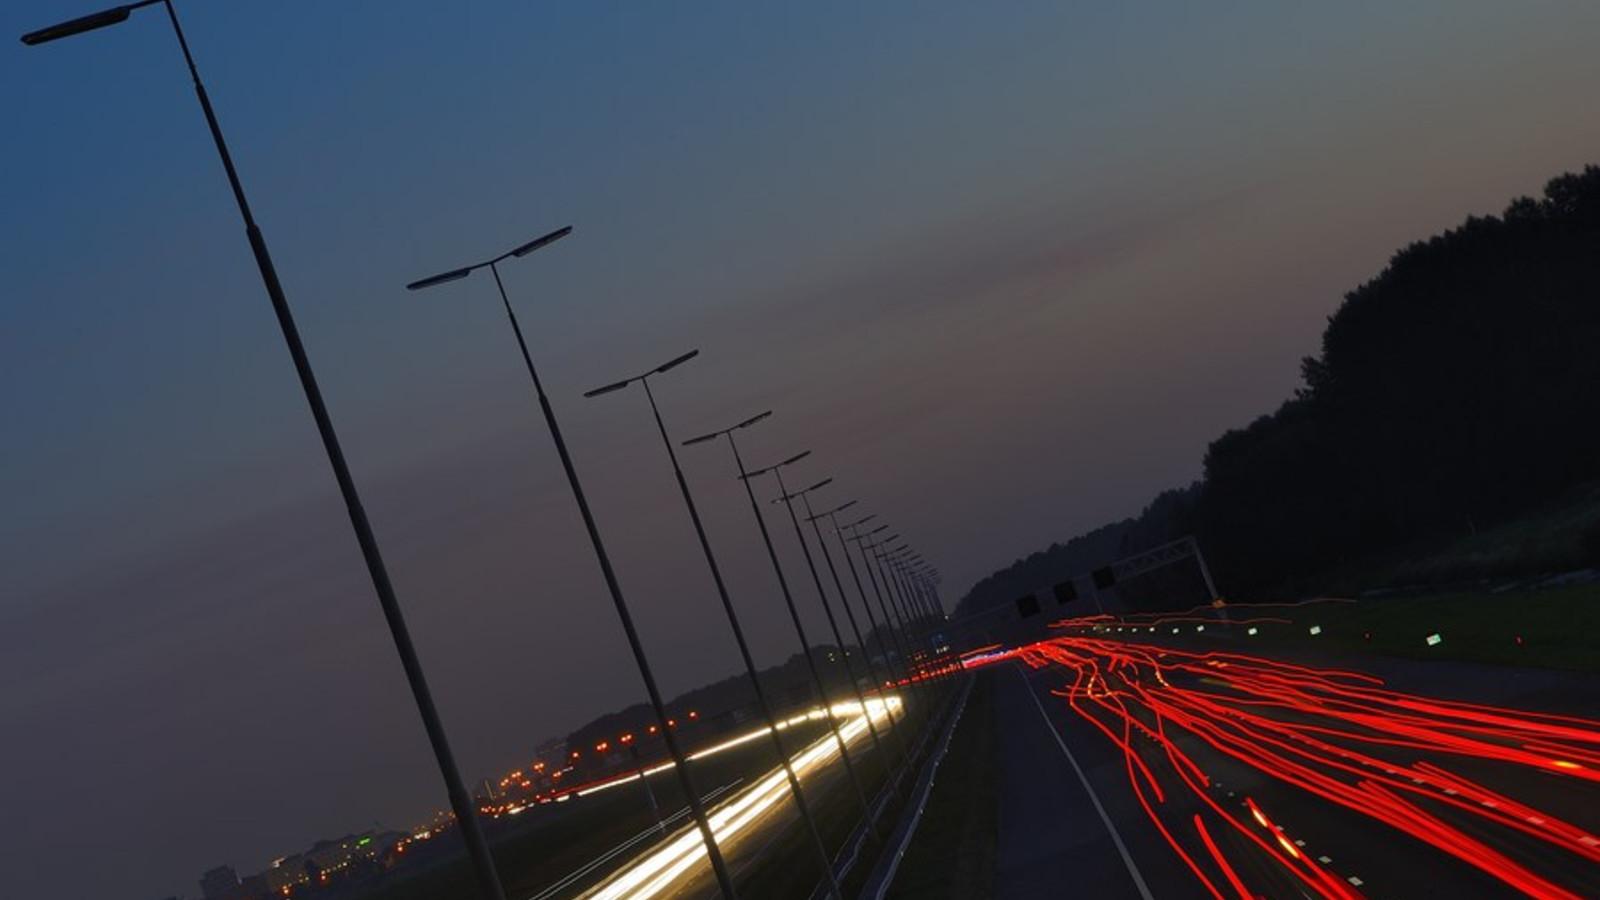 De A4 tussen Amsterdam en Den Haag.